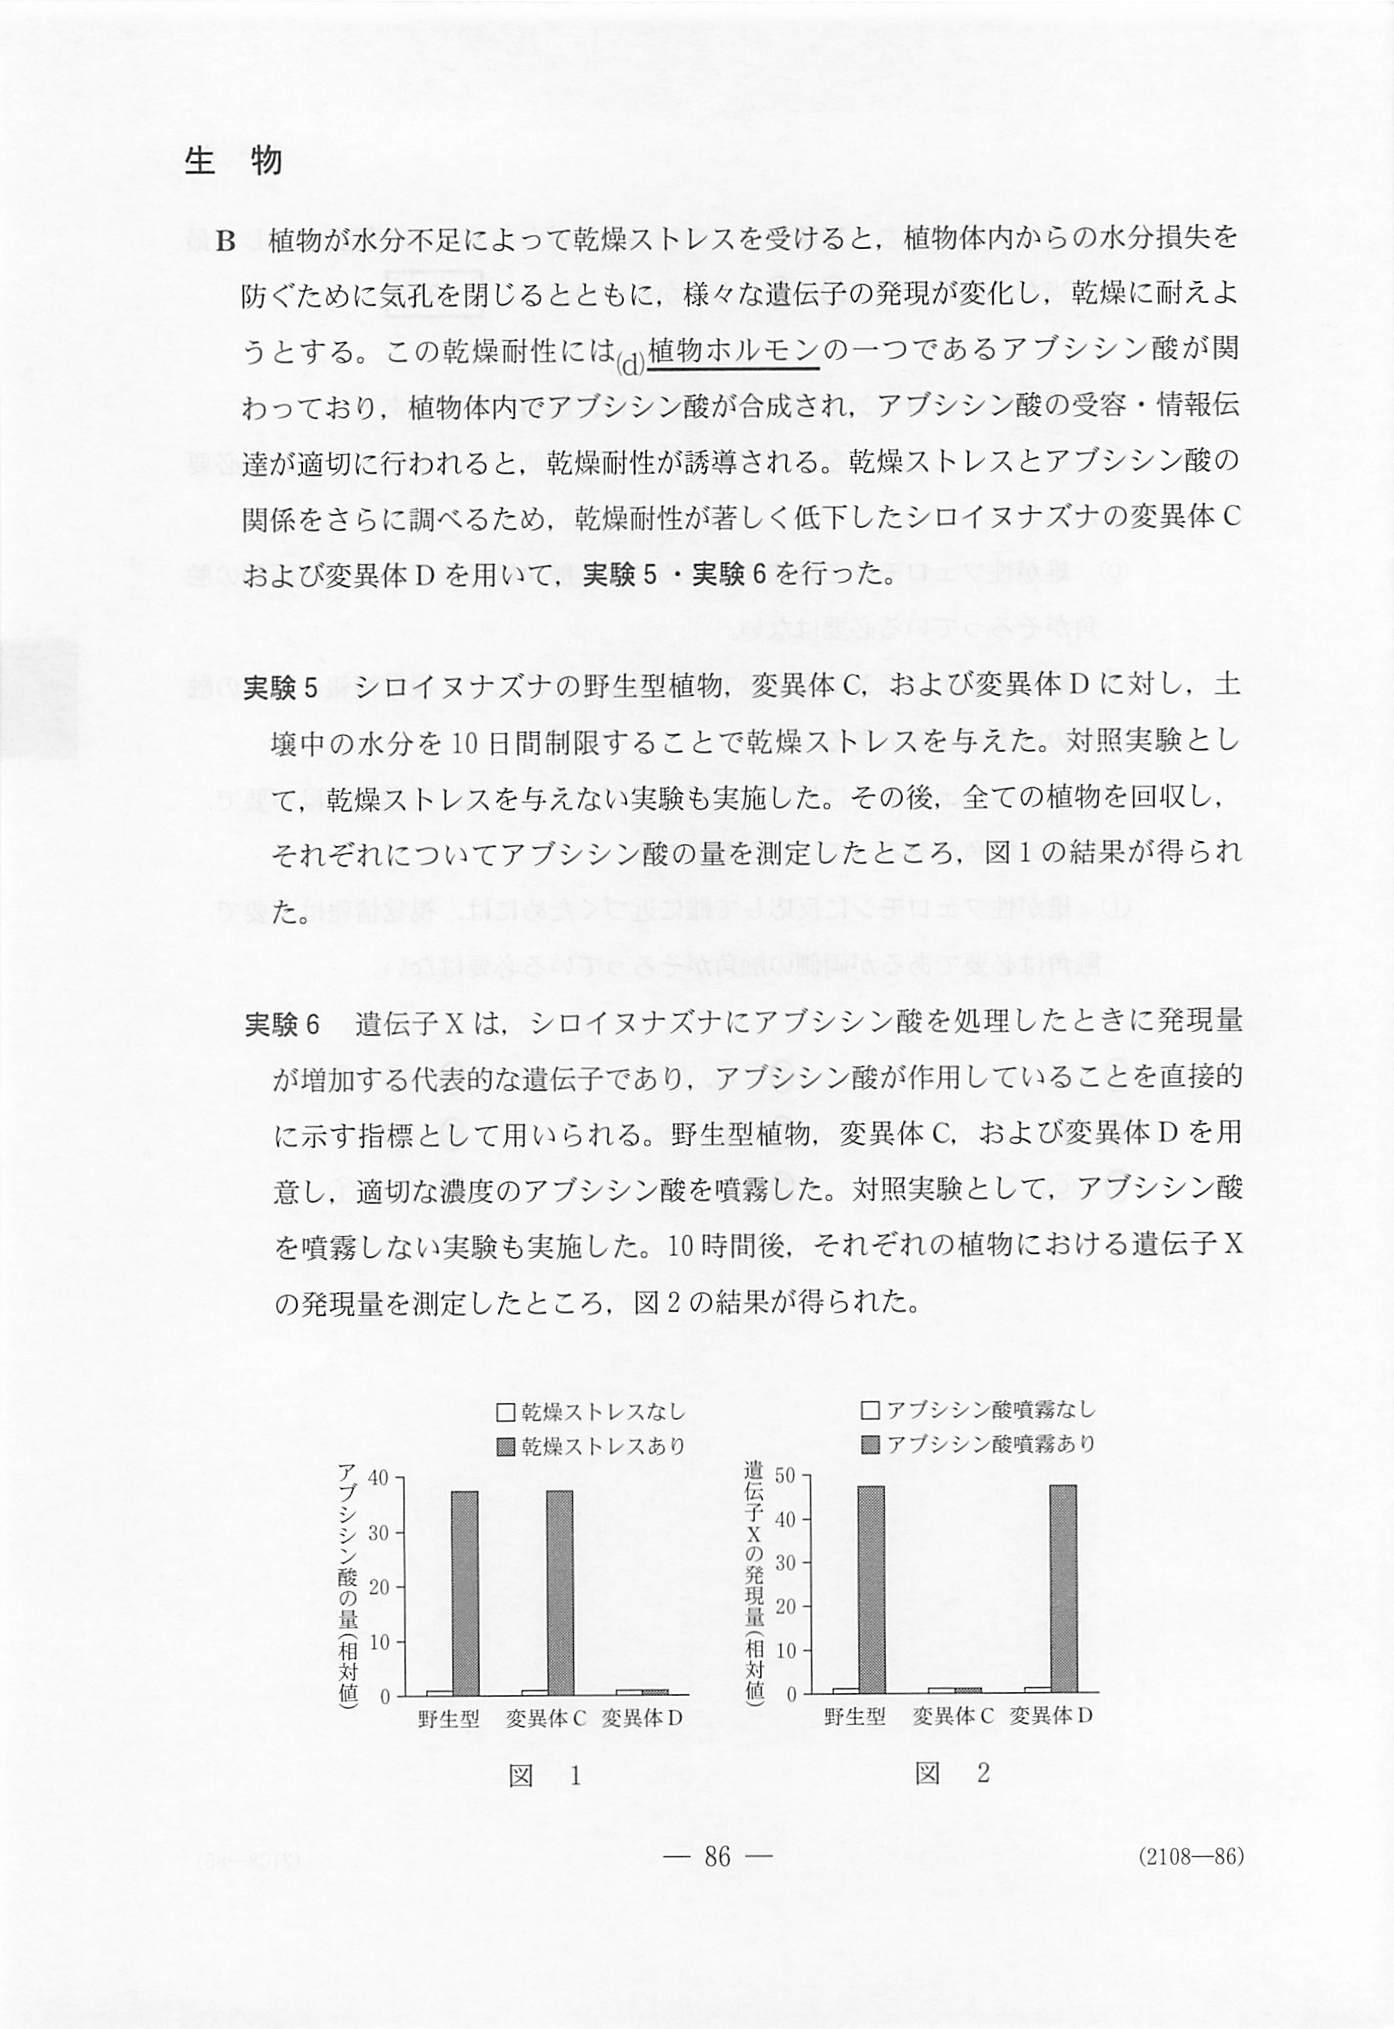 生物 理科Ⅱ 2020年 令和2年 センター試験過去問題